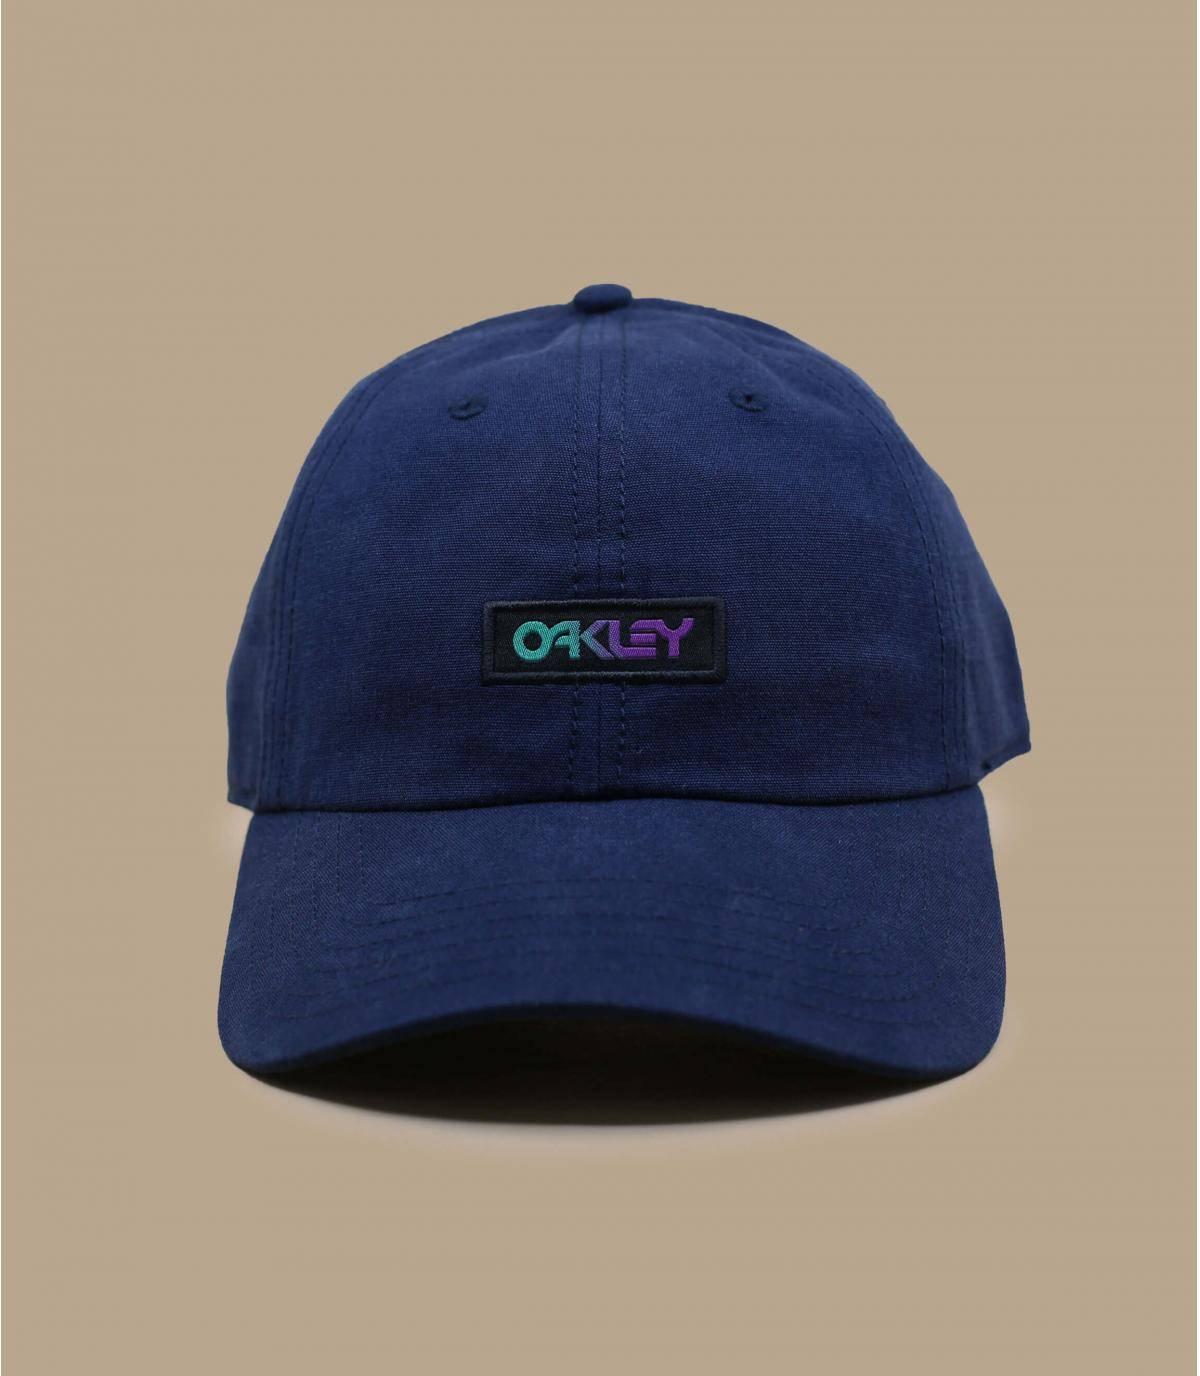 Oakley cap blauw